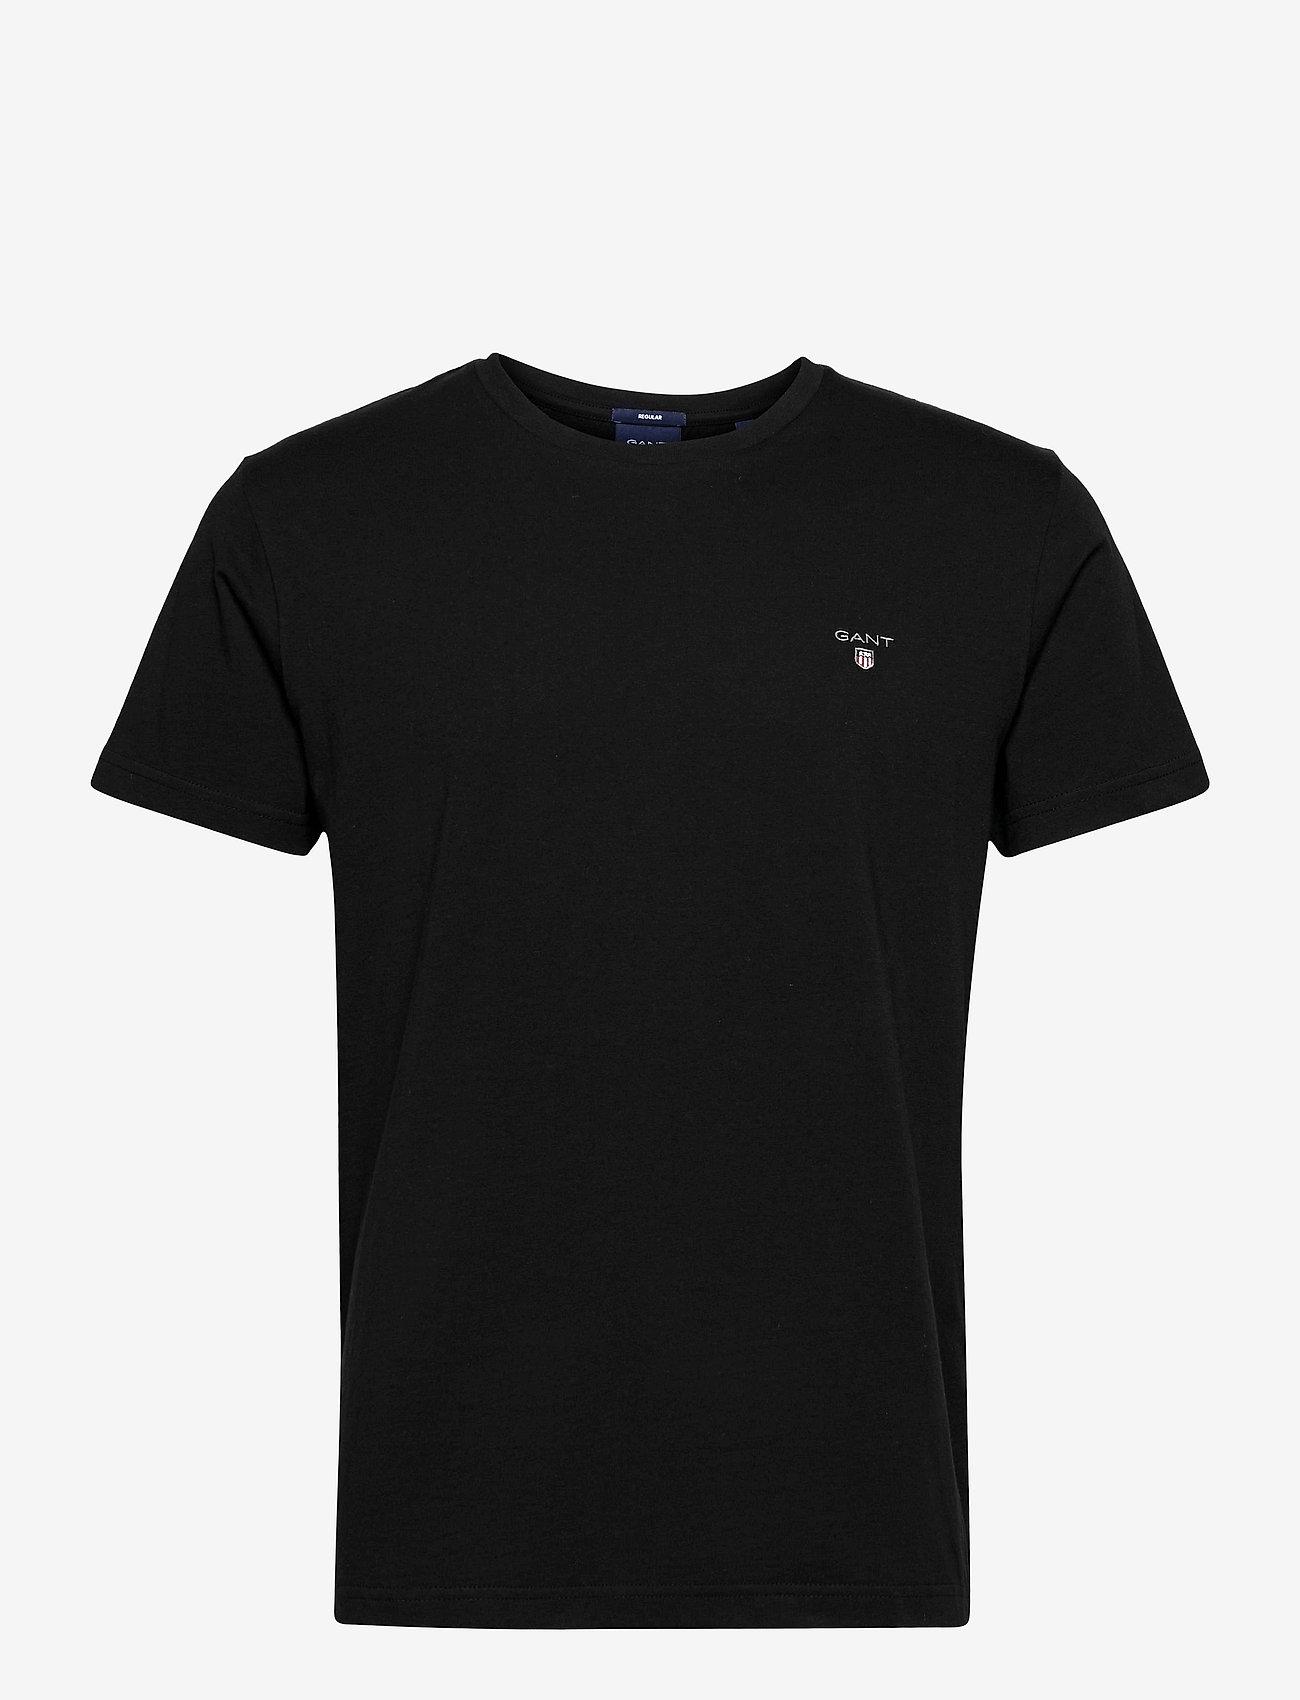 GANT - ORIGINAL SS T-SHIRT - basic t-shirts - black - 0